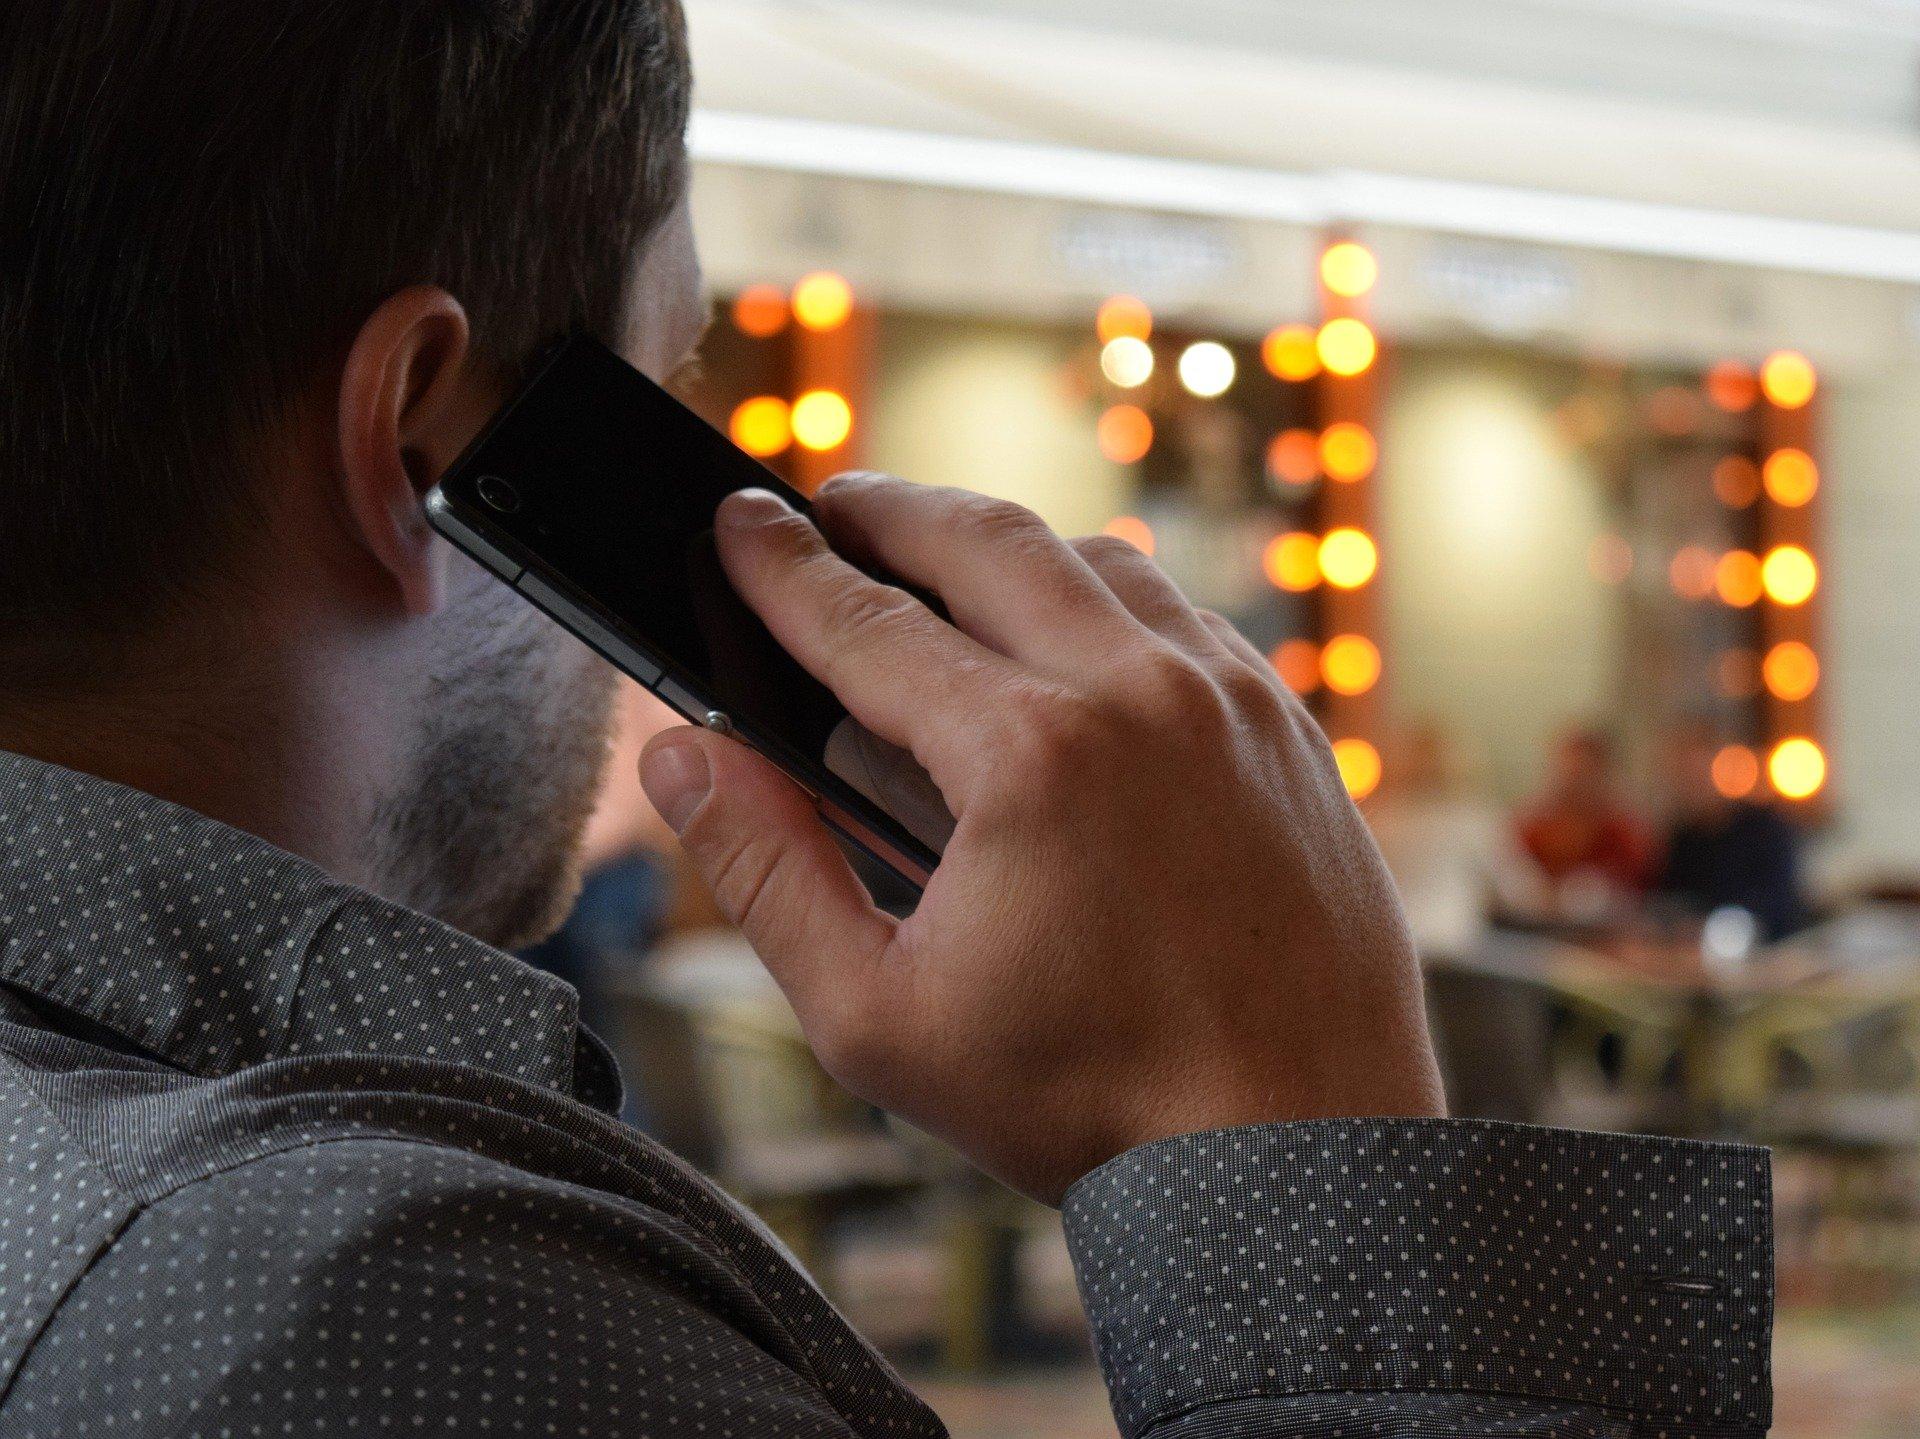 Телефонные мошенники придумали новую схему обмана россиян с угрозой убийством